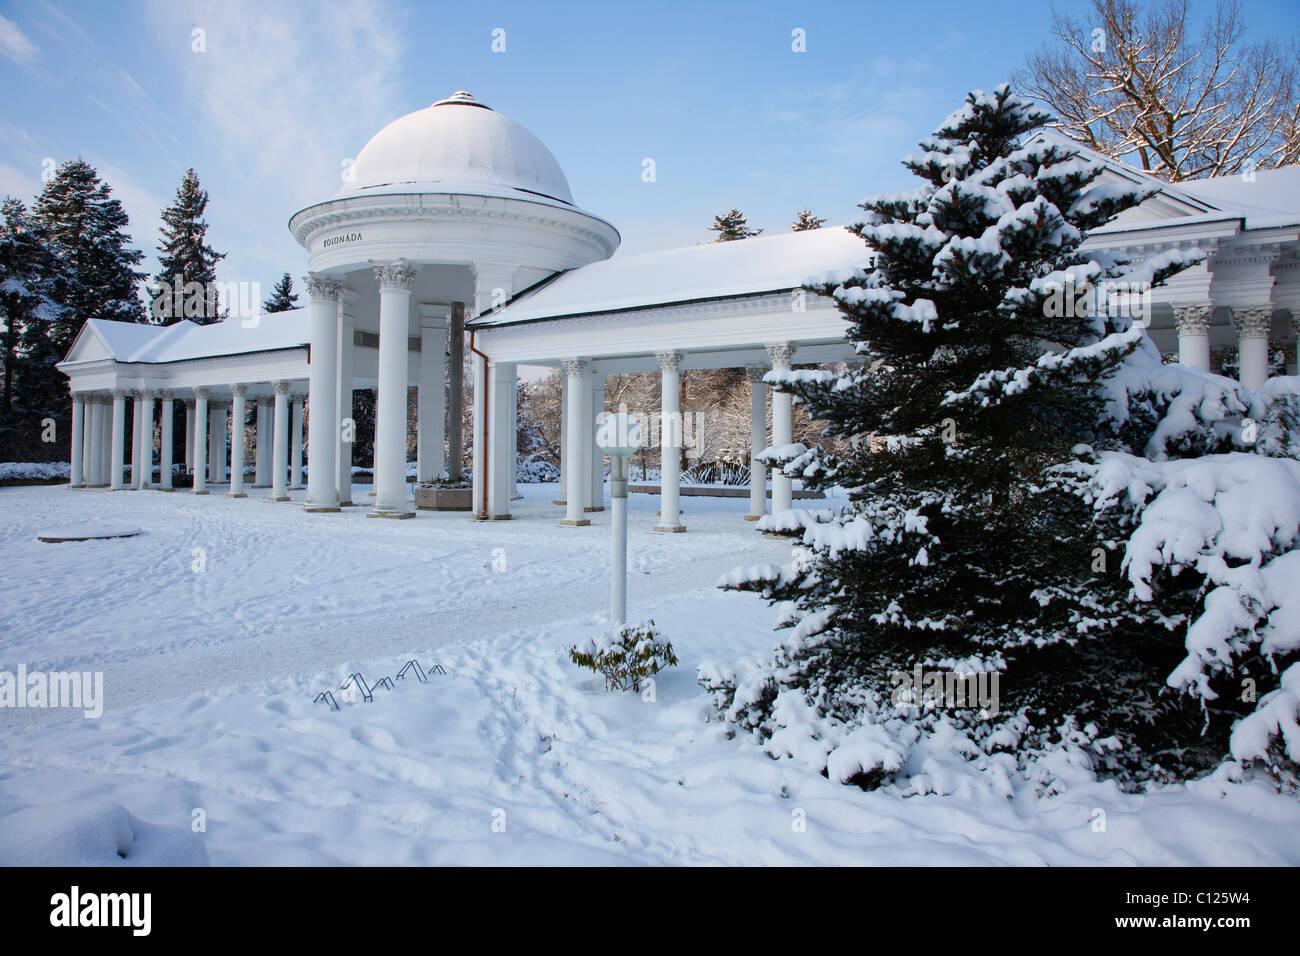 Colonnade, wintry, Marianske Lazne, Czech Republic, Europe - Stock Image